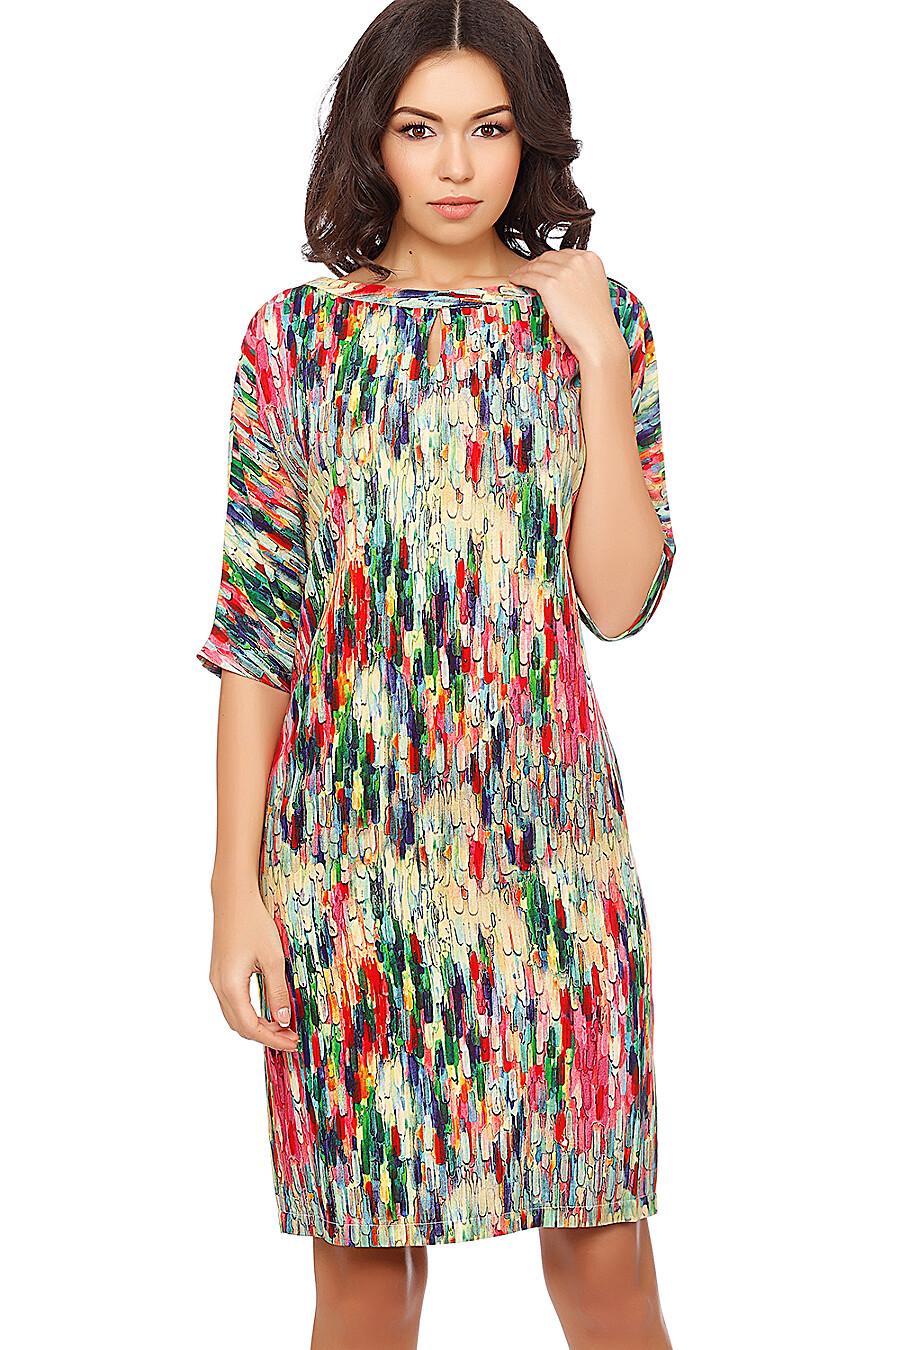 Платье GABRIELLA (59344), купить в Moyo.moda